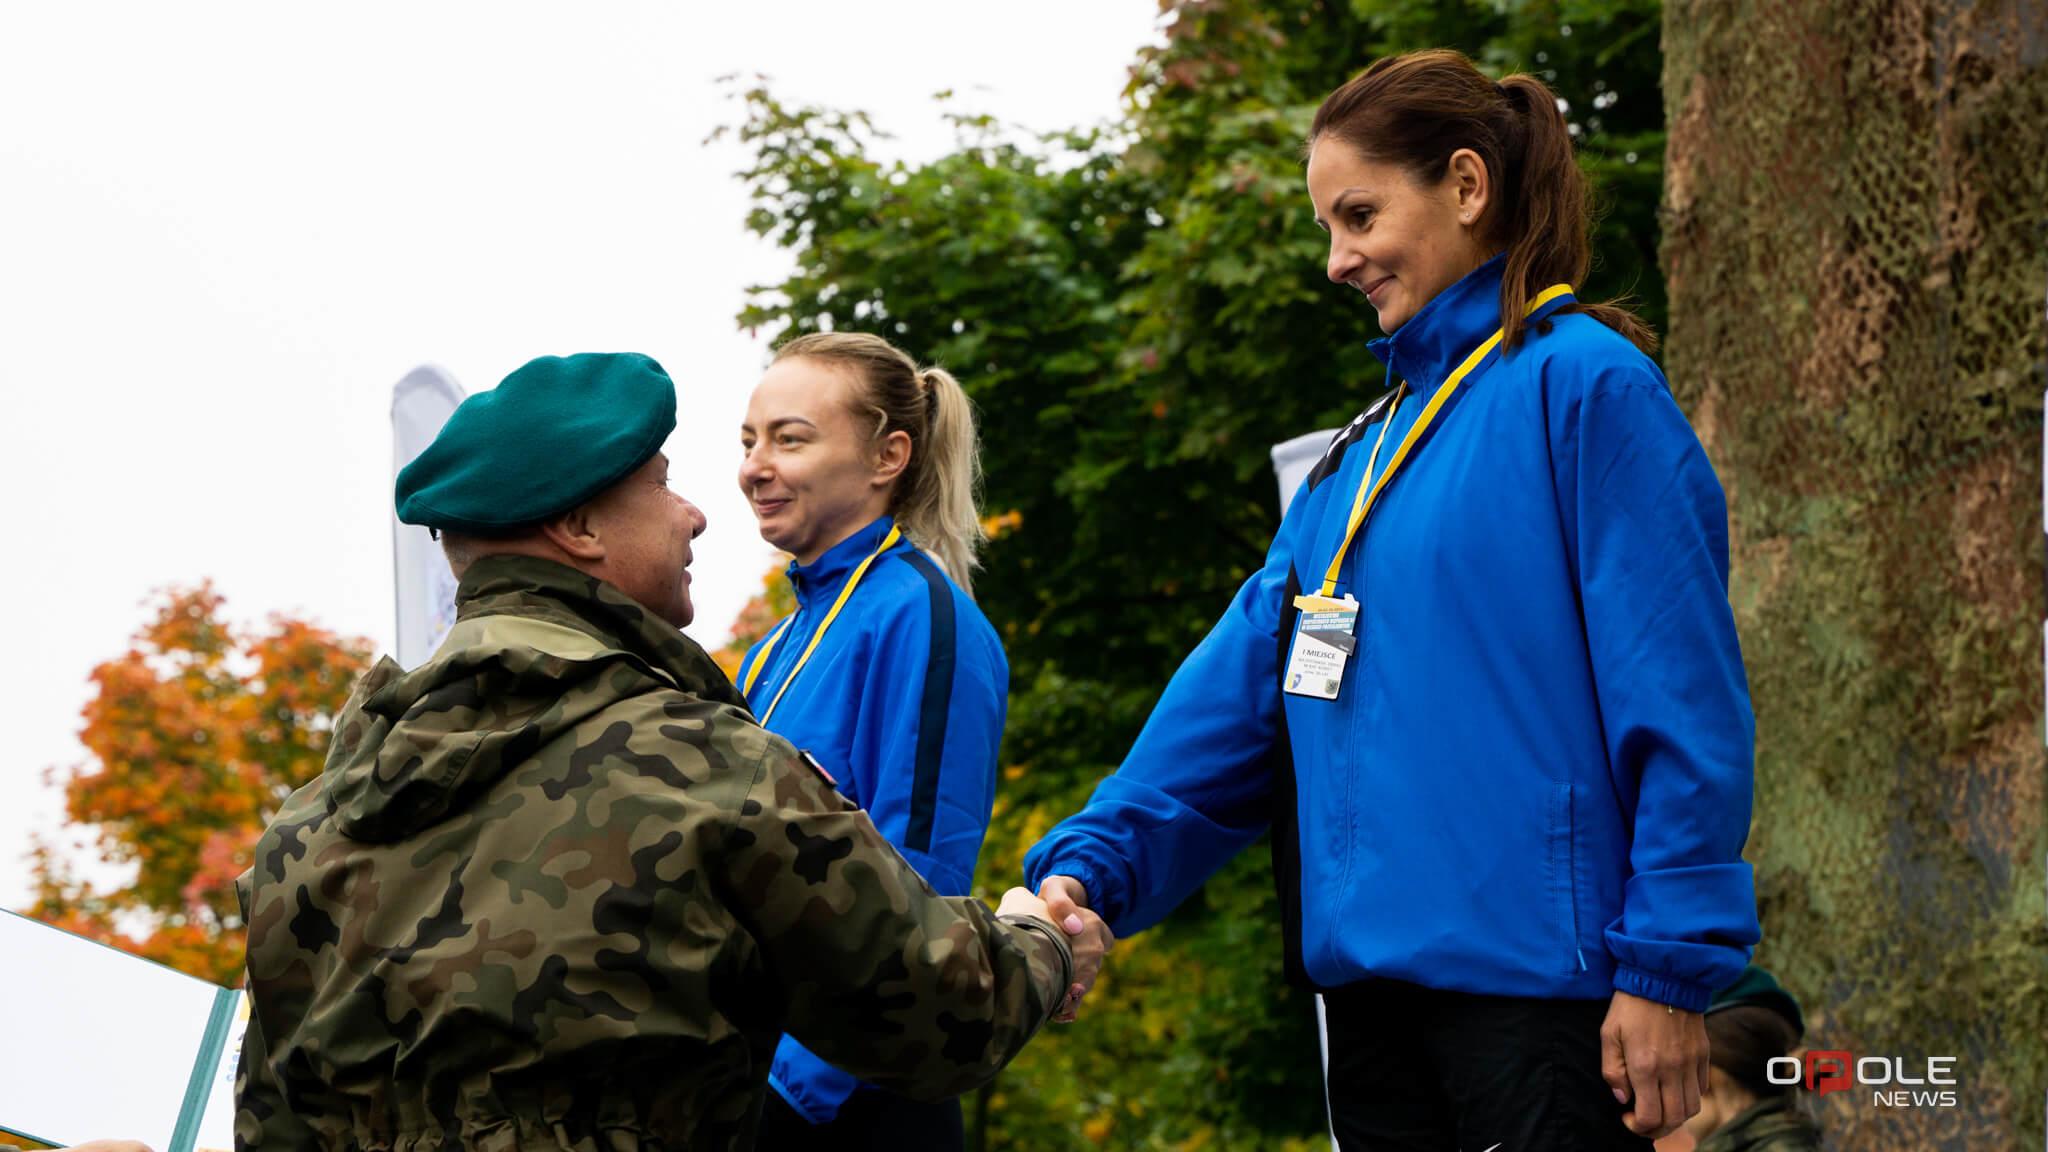 Mistrzostwa Inspektoratu Wsparcia Sił Zbrojnych w biegach przełajowych